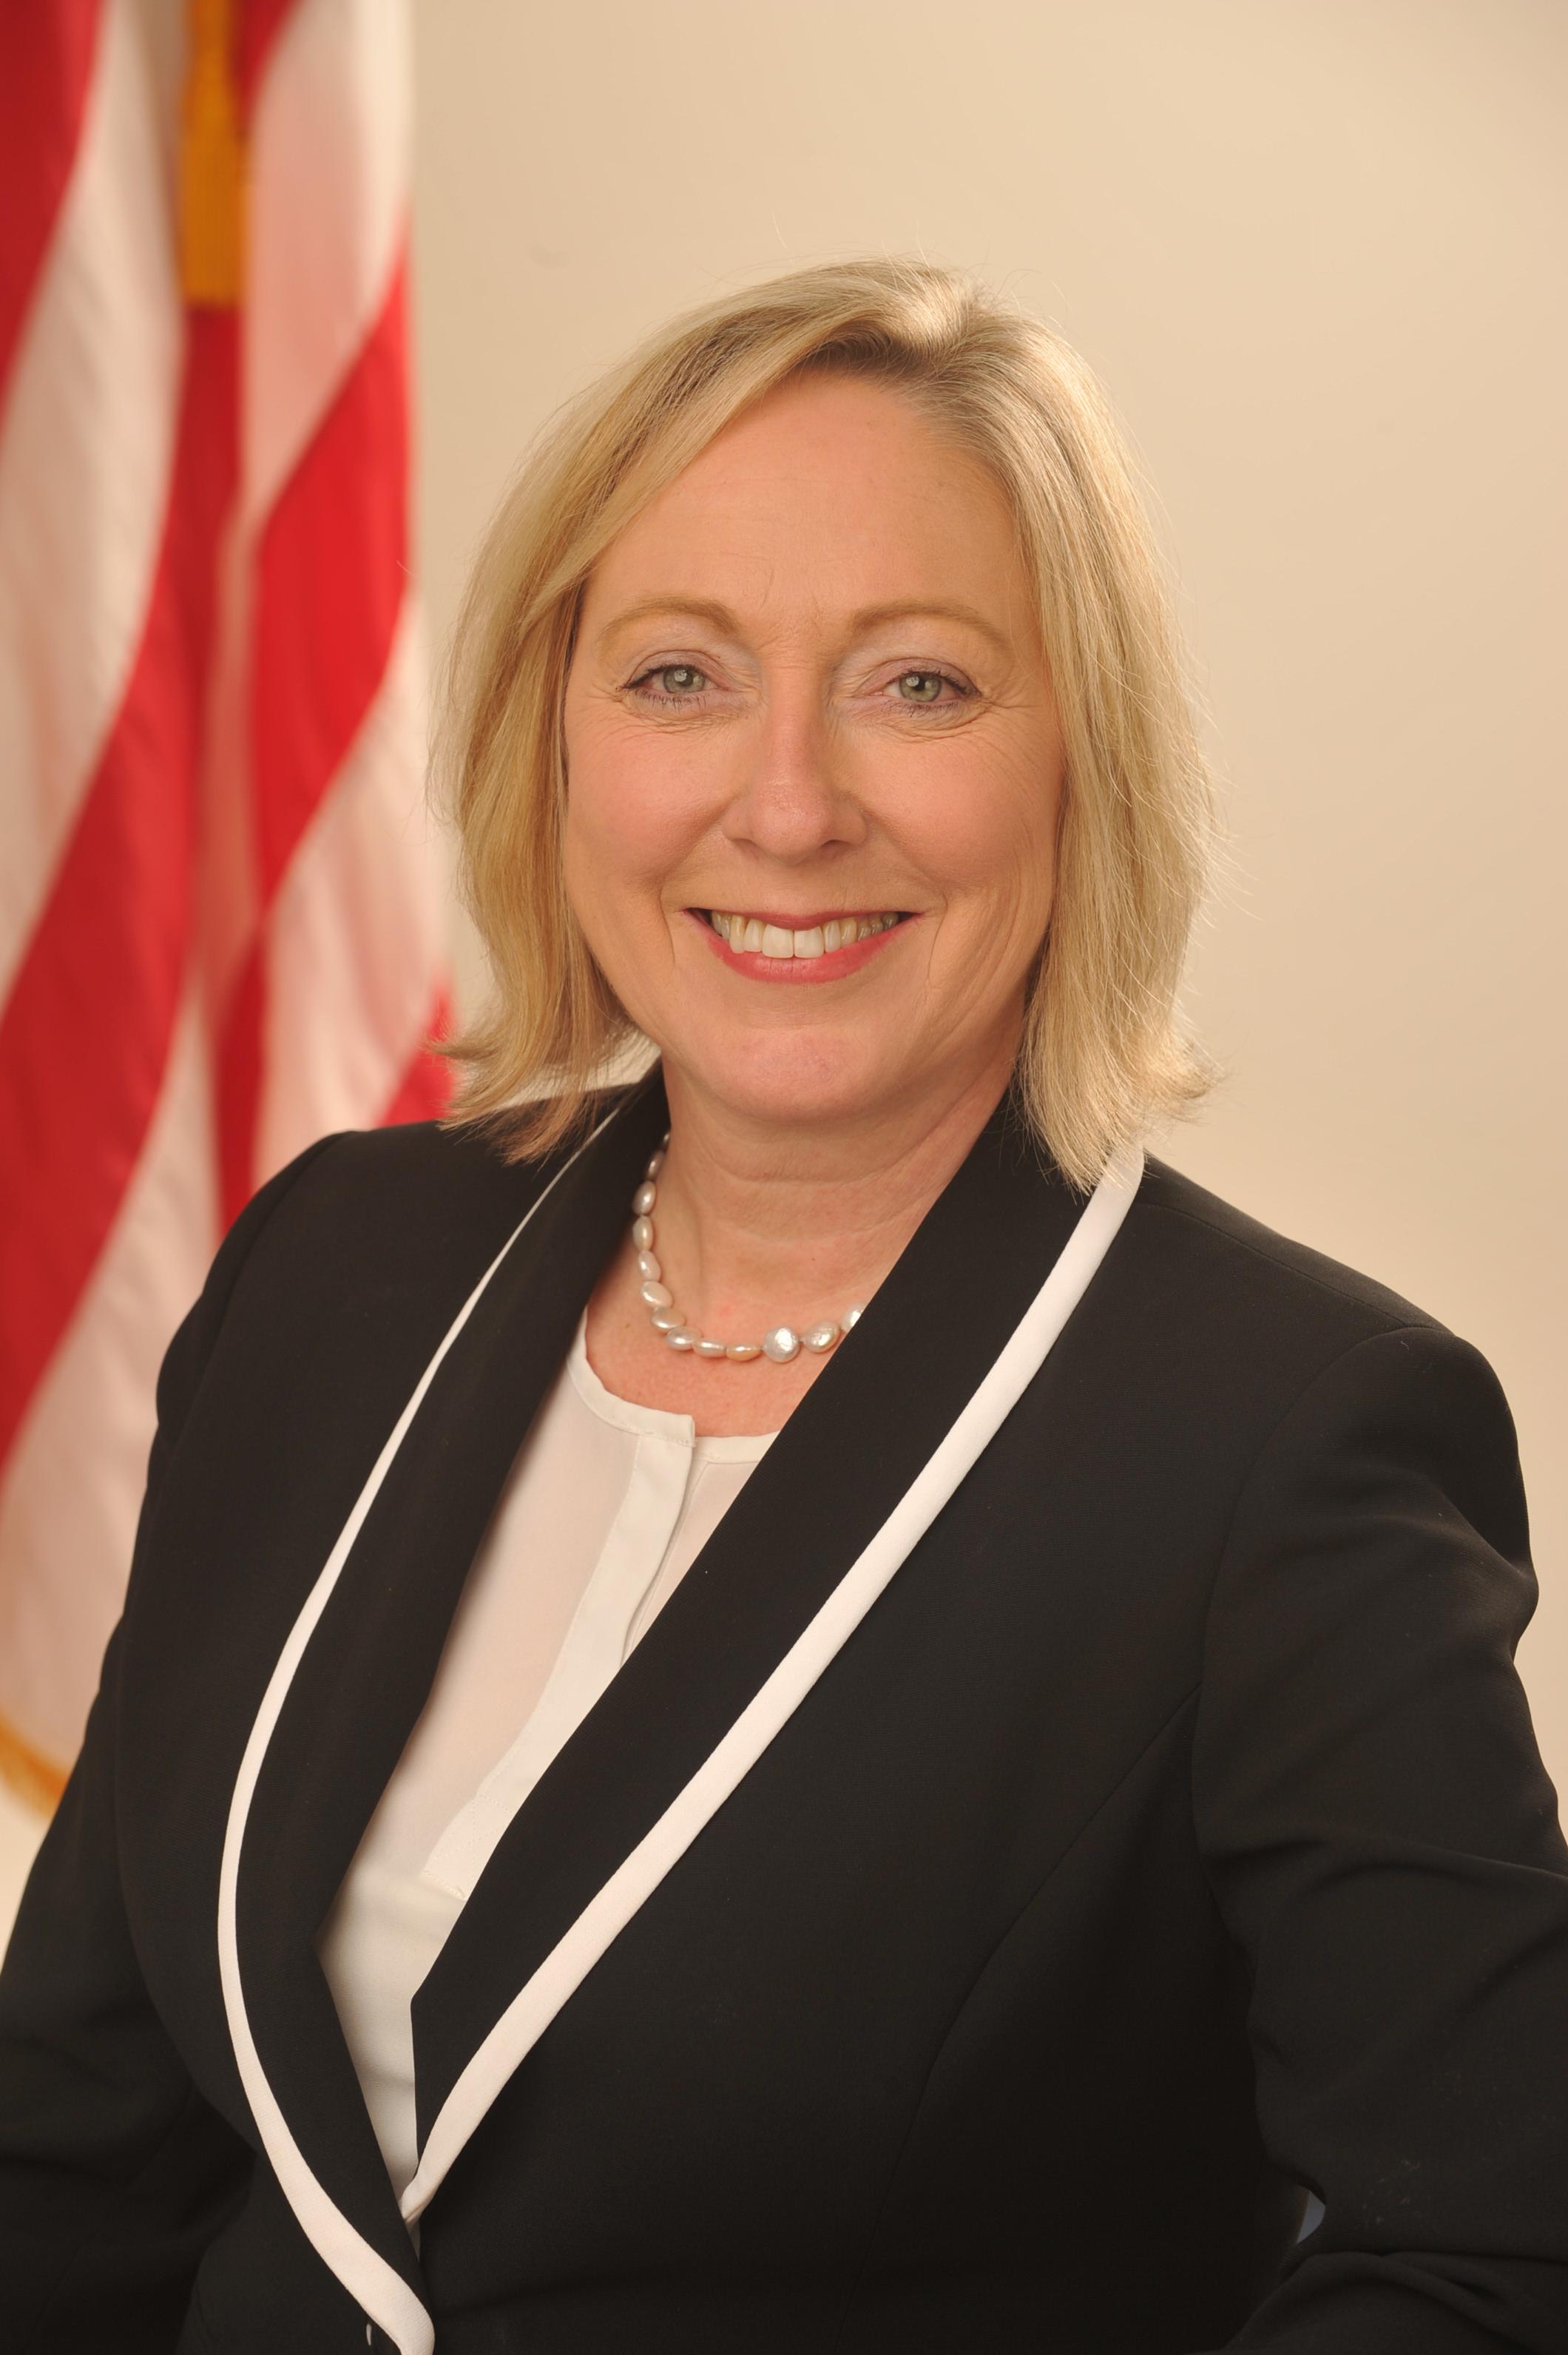 Nancy Thoma Groetken